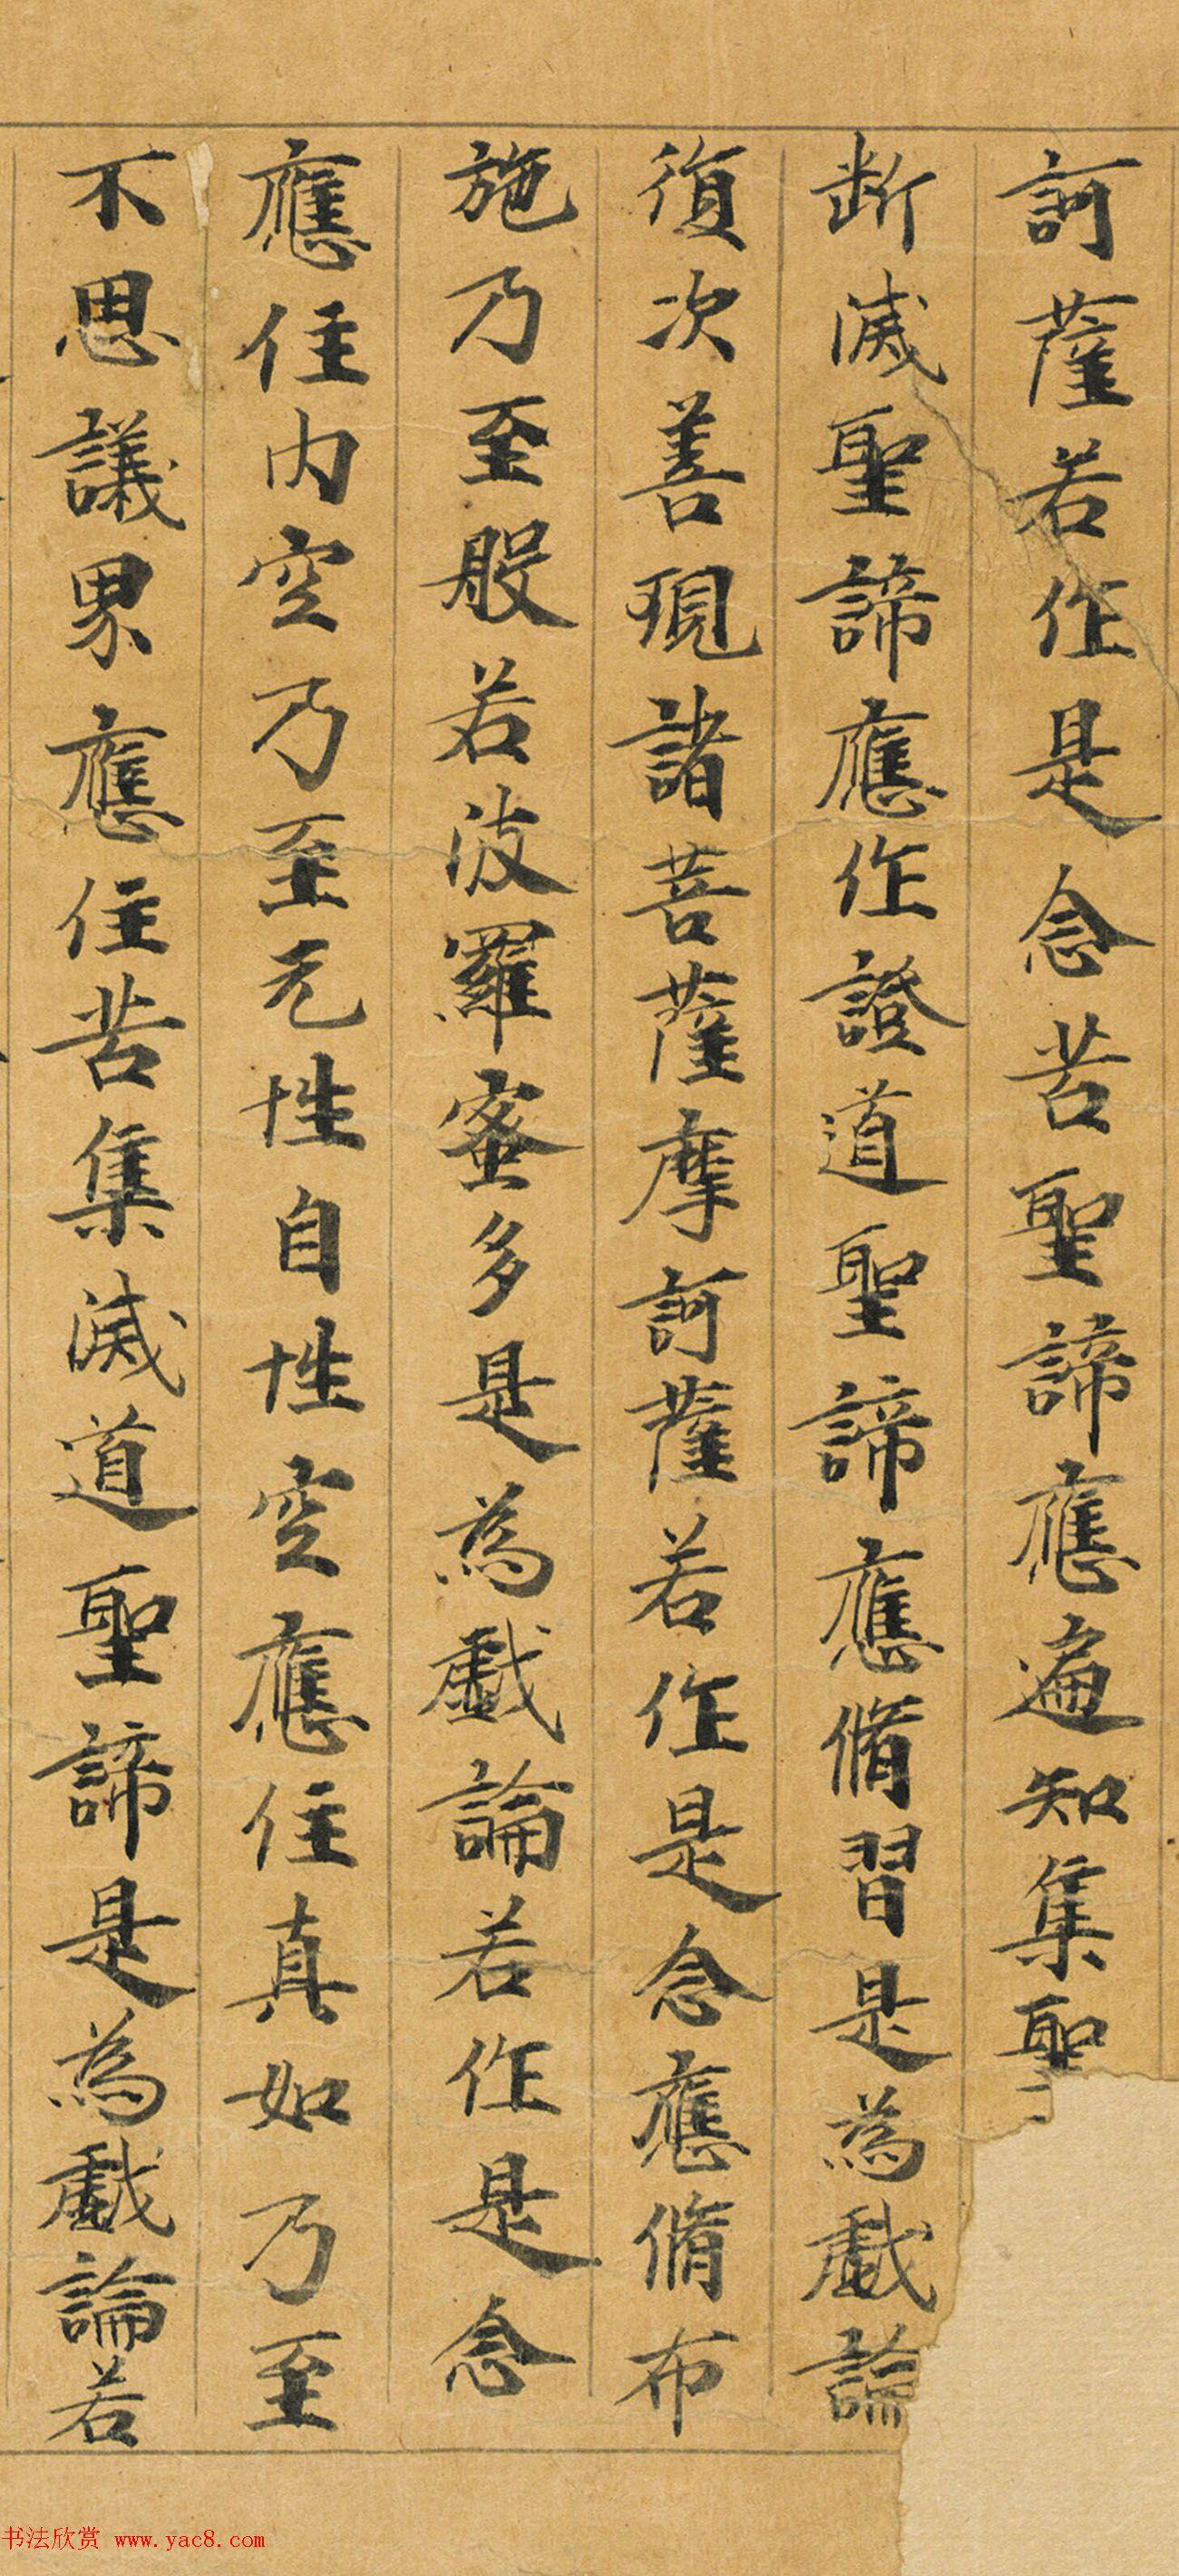 敦煌写经手稿:大般若波罗蜜多经初分遍学道品第六十四之二